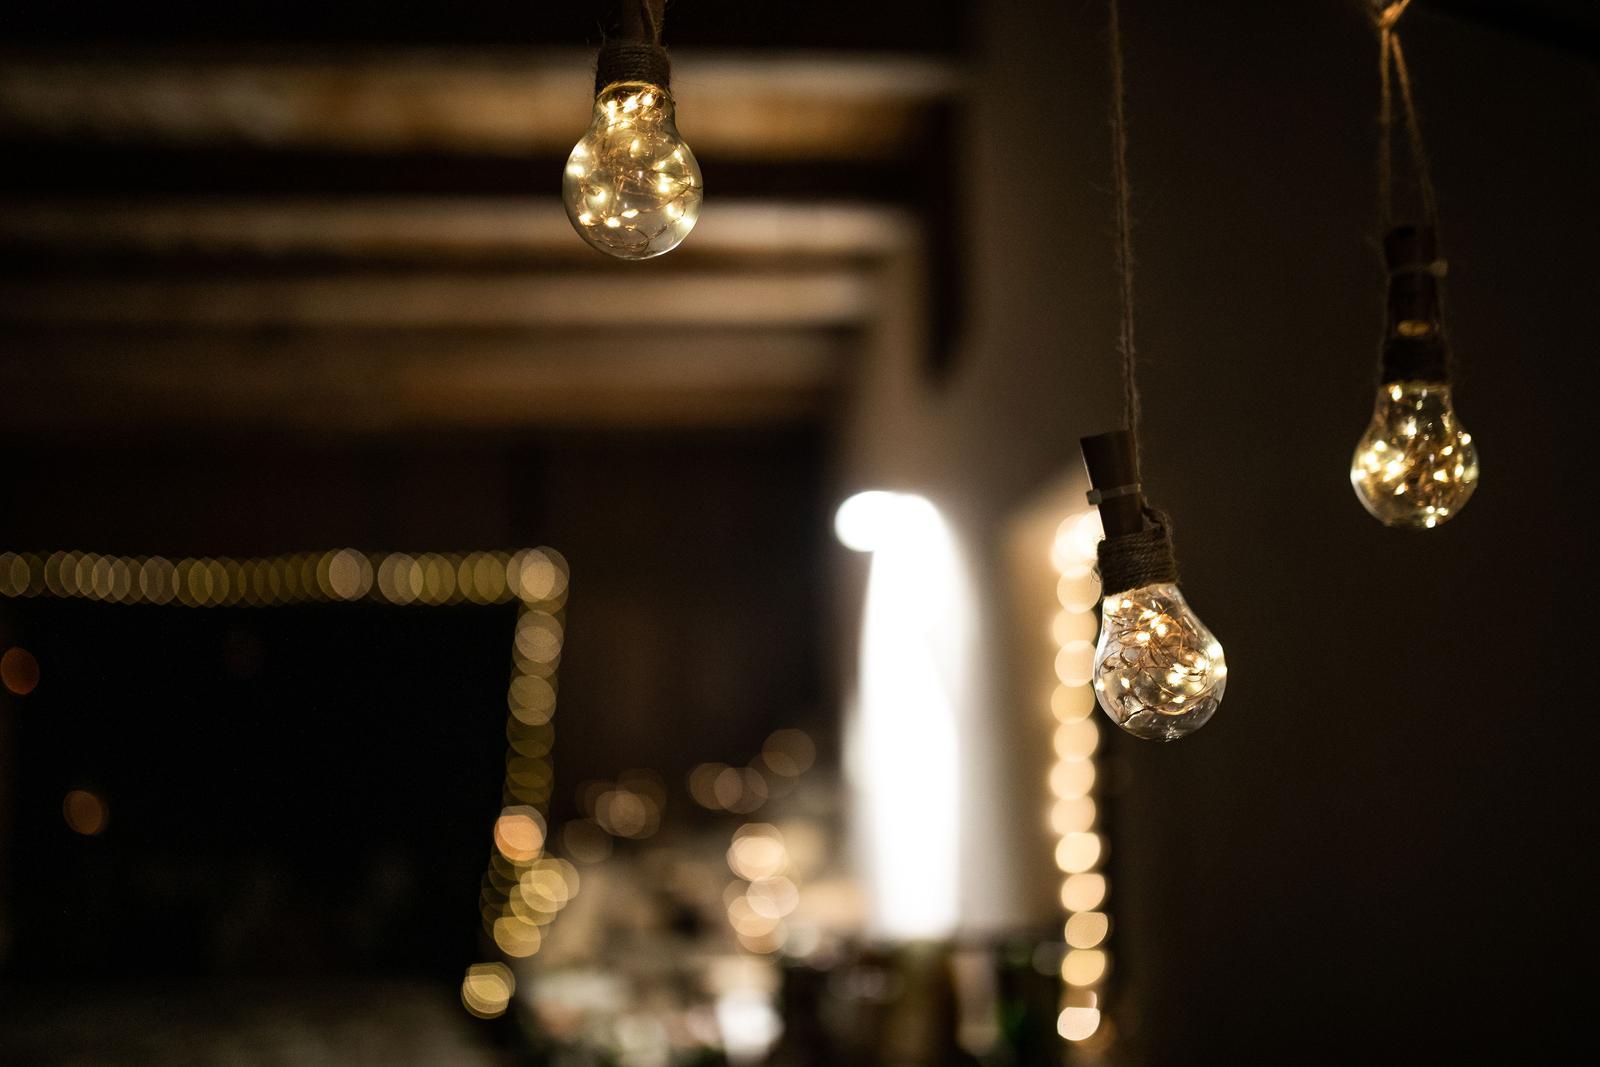 Světýlka v dekoraci ze žárovek na jutovém provázku - Obrázek č. 1